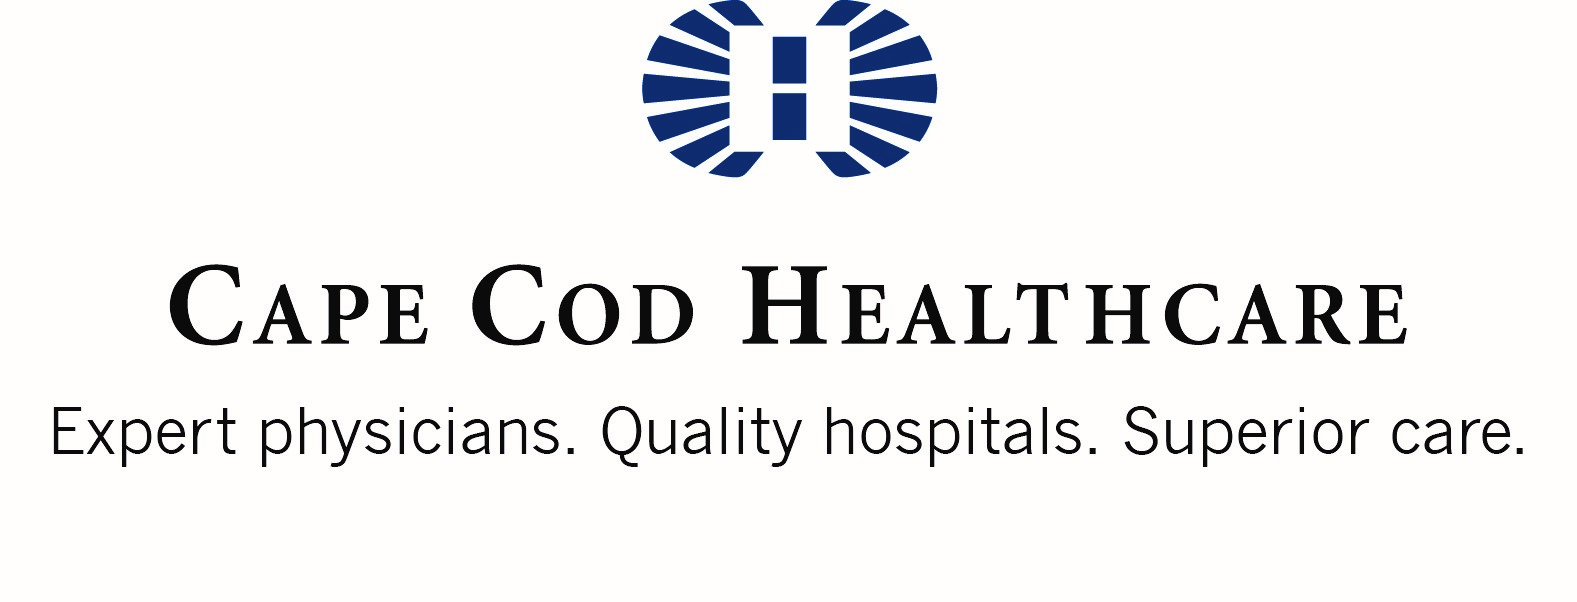 Medicalrecords Cape Cod Healthcare